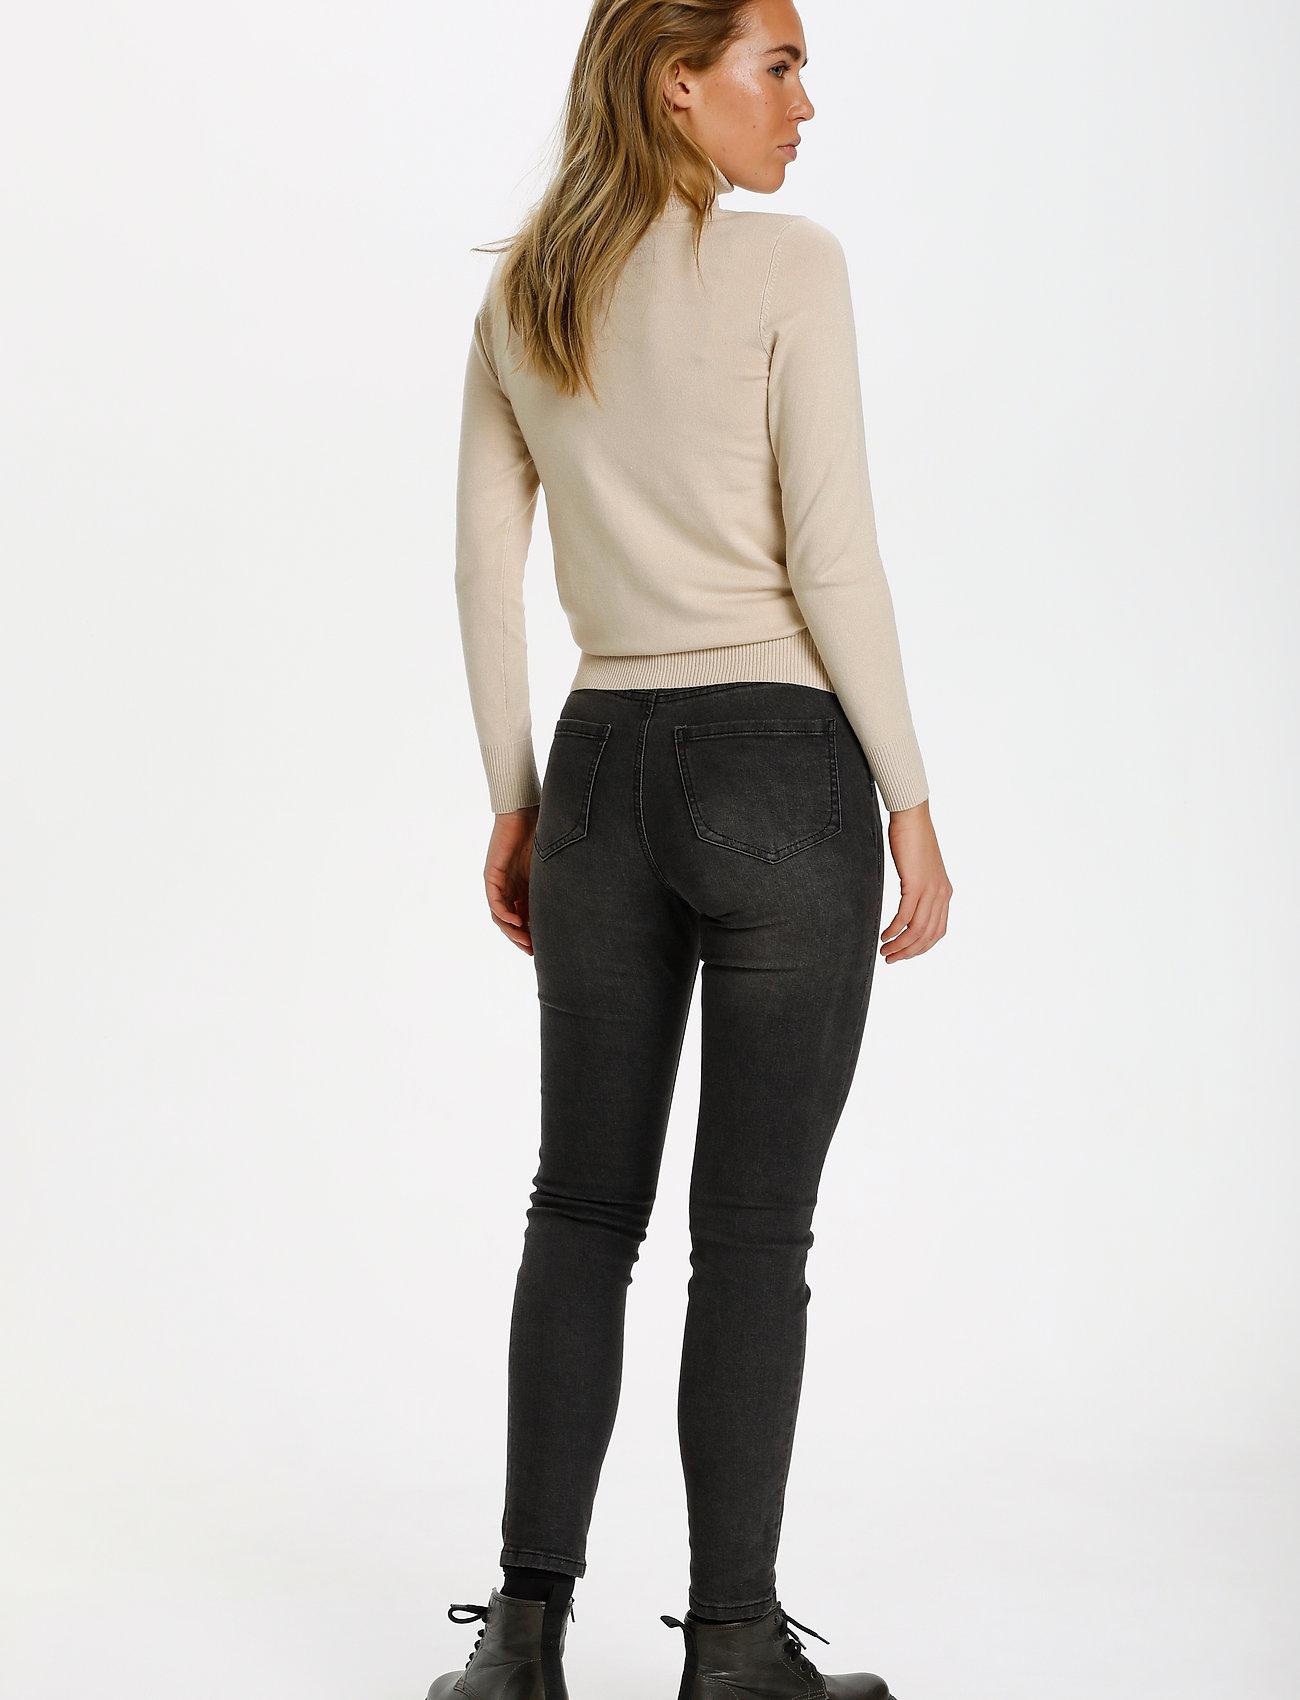 Saint Tropez - T5757, TinnaSZ Jeans - skinny jeans - dk.grey - 4